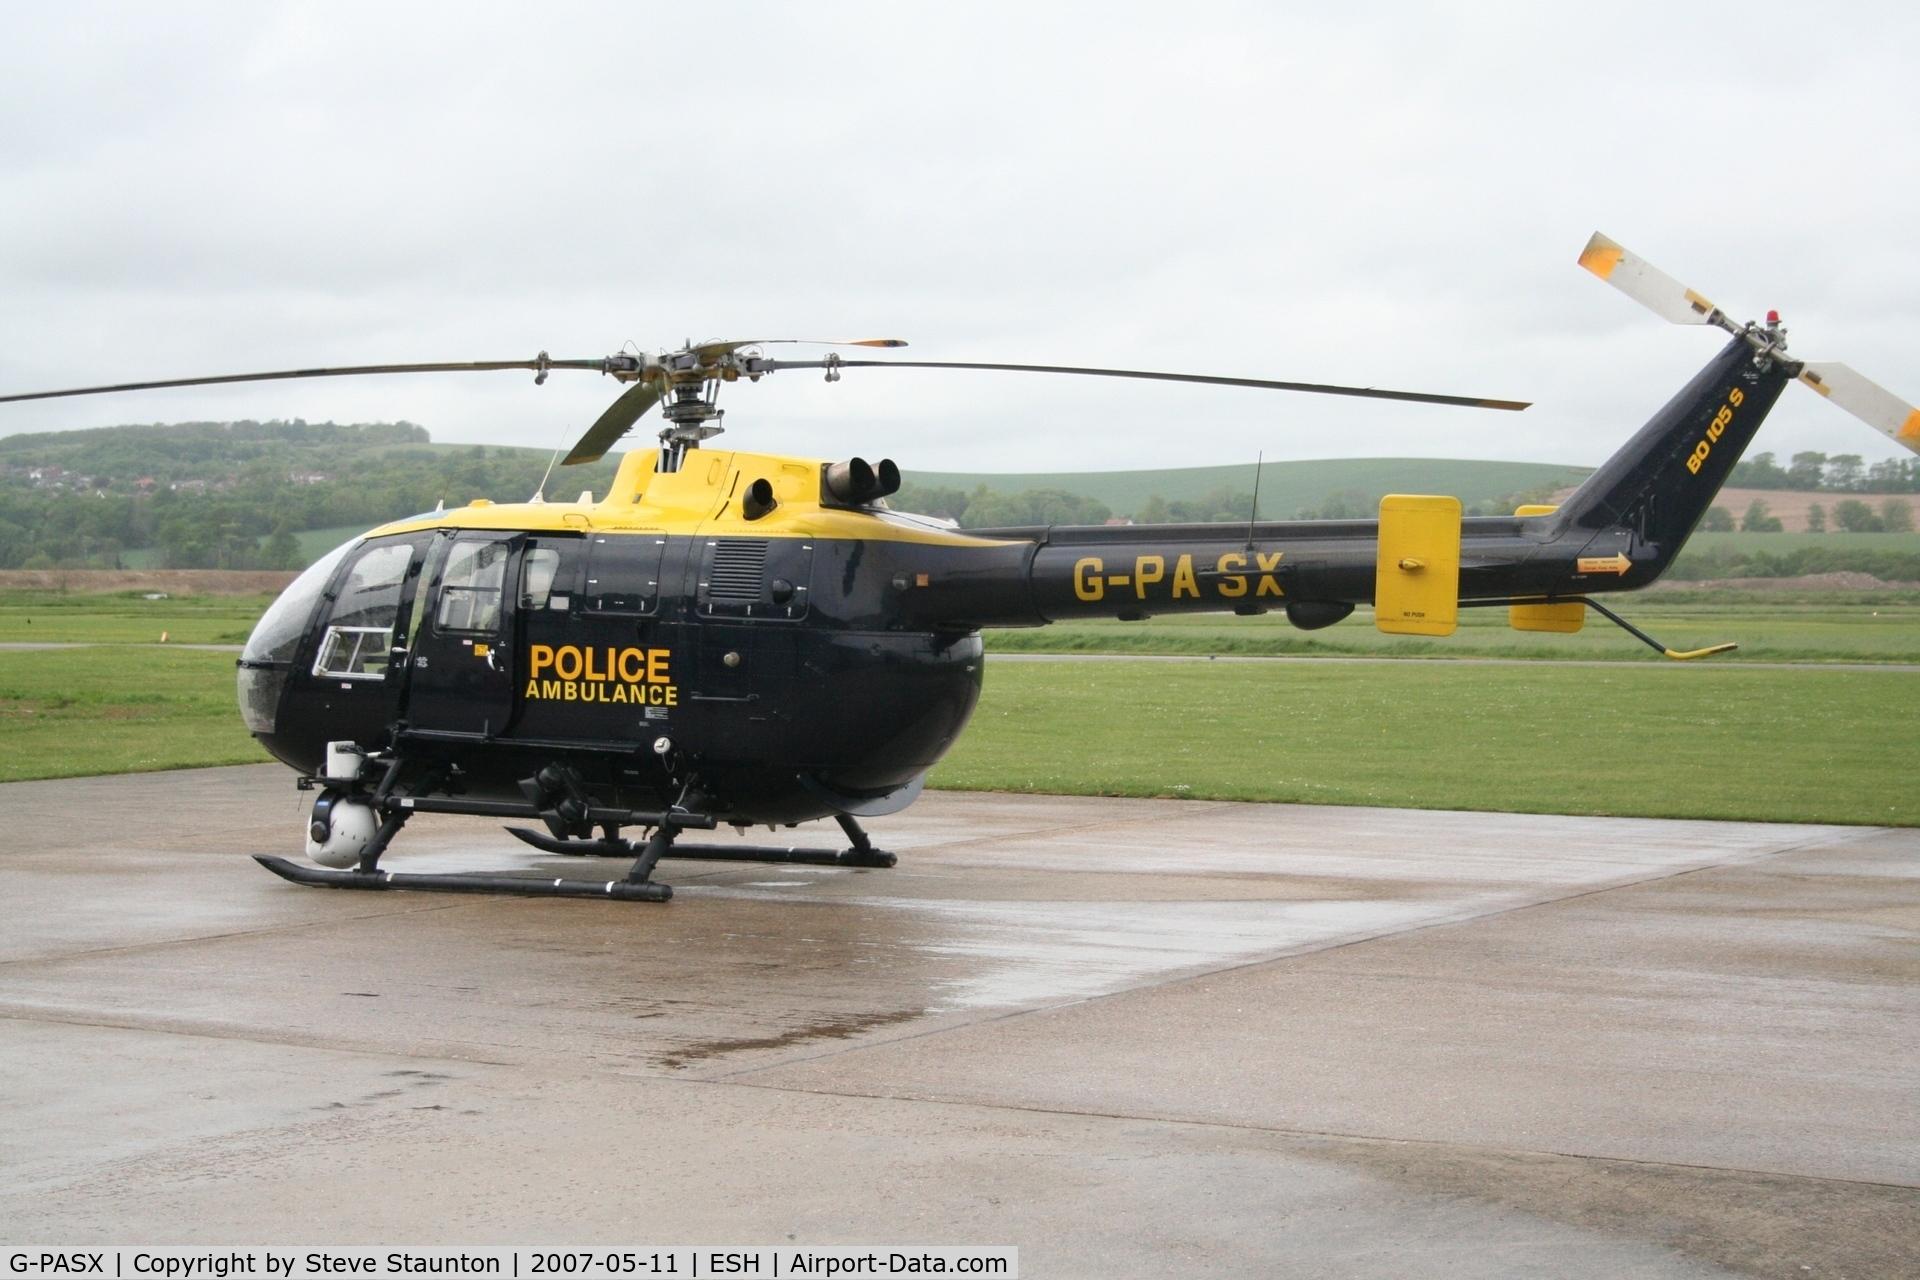 G-PASX, 1989 MBB Bo.105DBS-4 C/N S.814, Taken on a recent base tour at Shoreham